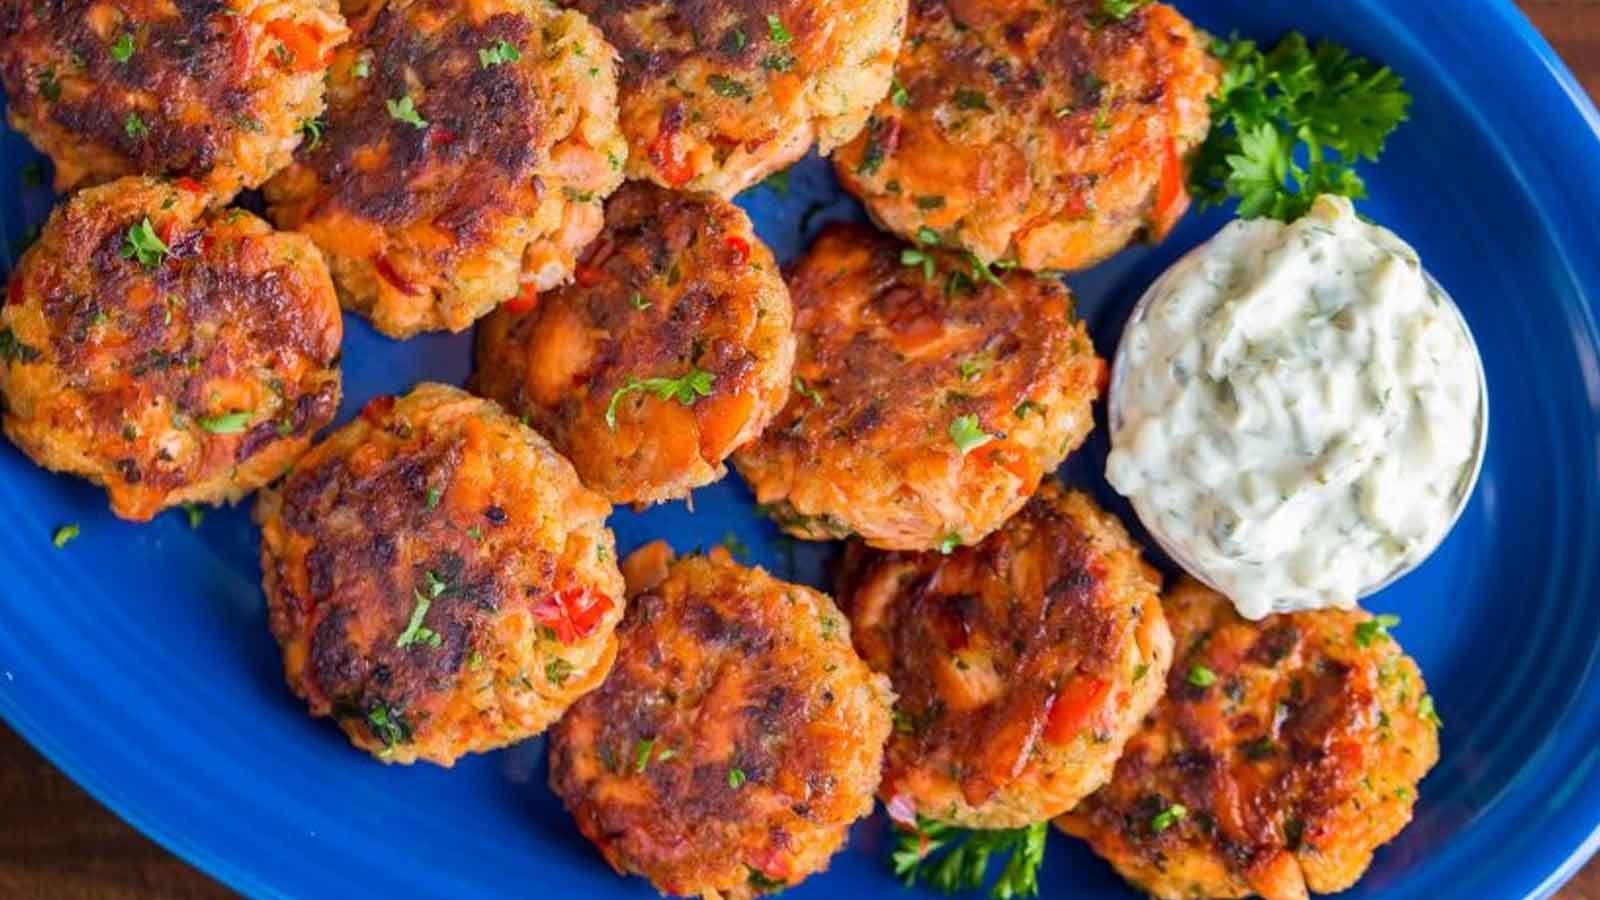 Fried salmon patties on a cobalt blue platter with tartar sauce.